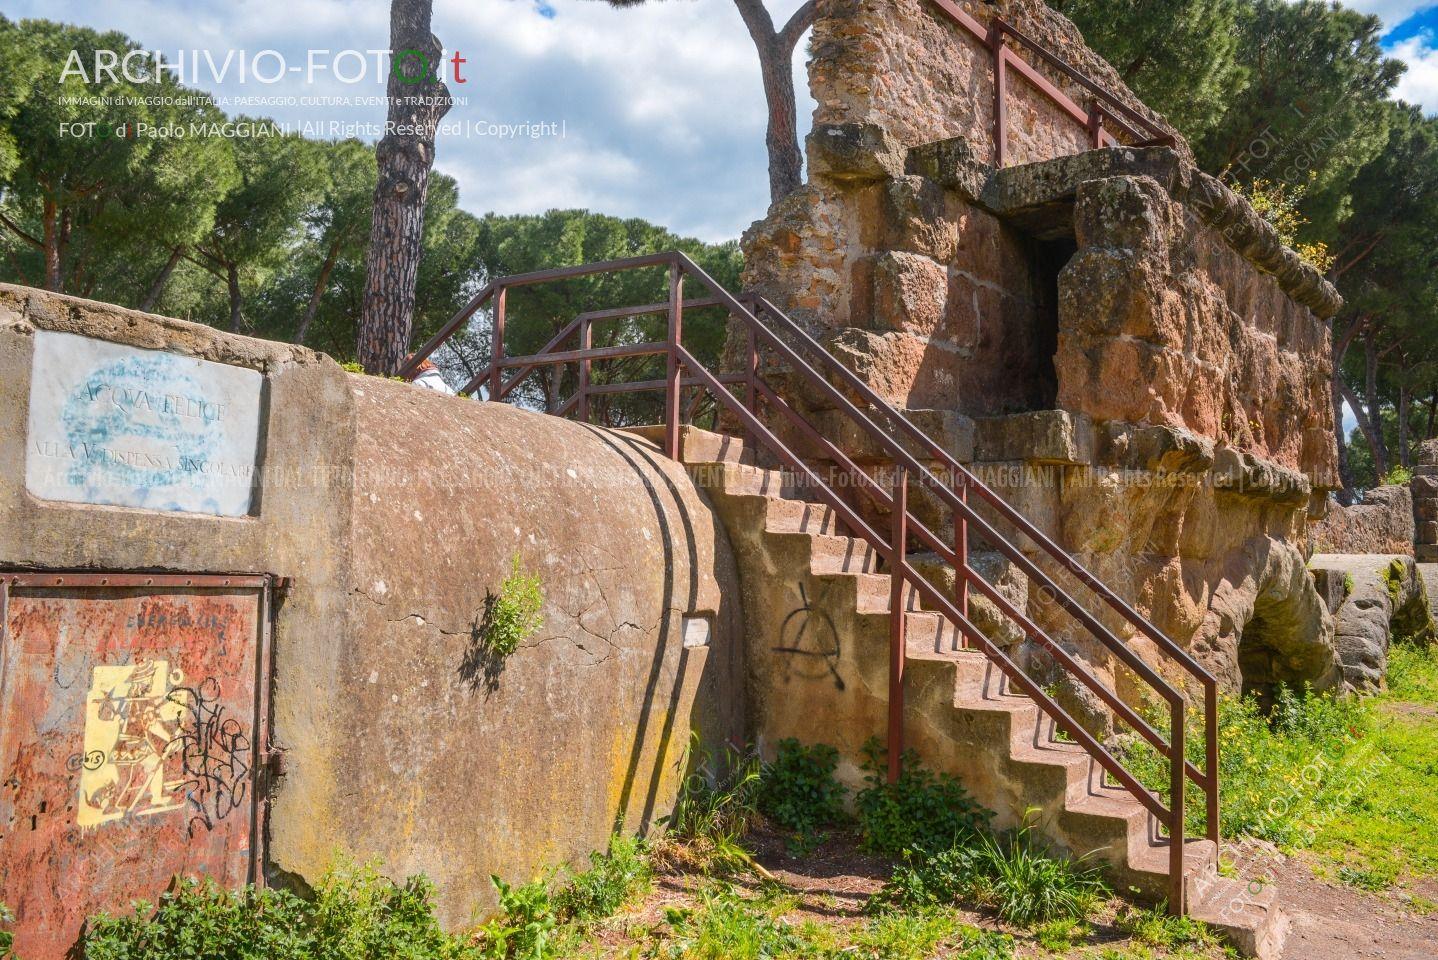 178ND61019P_MAG_3780_Paolo-Maggiani_07042019_Acquedotto-Parco-degli-acquedotti-Roma